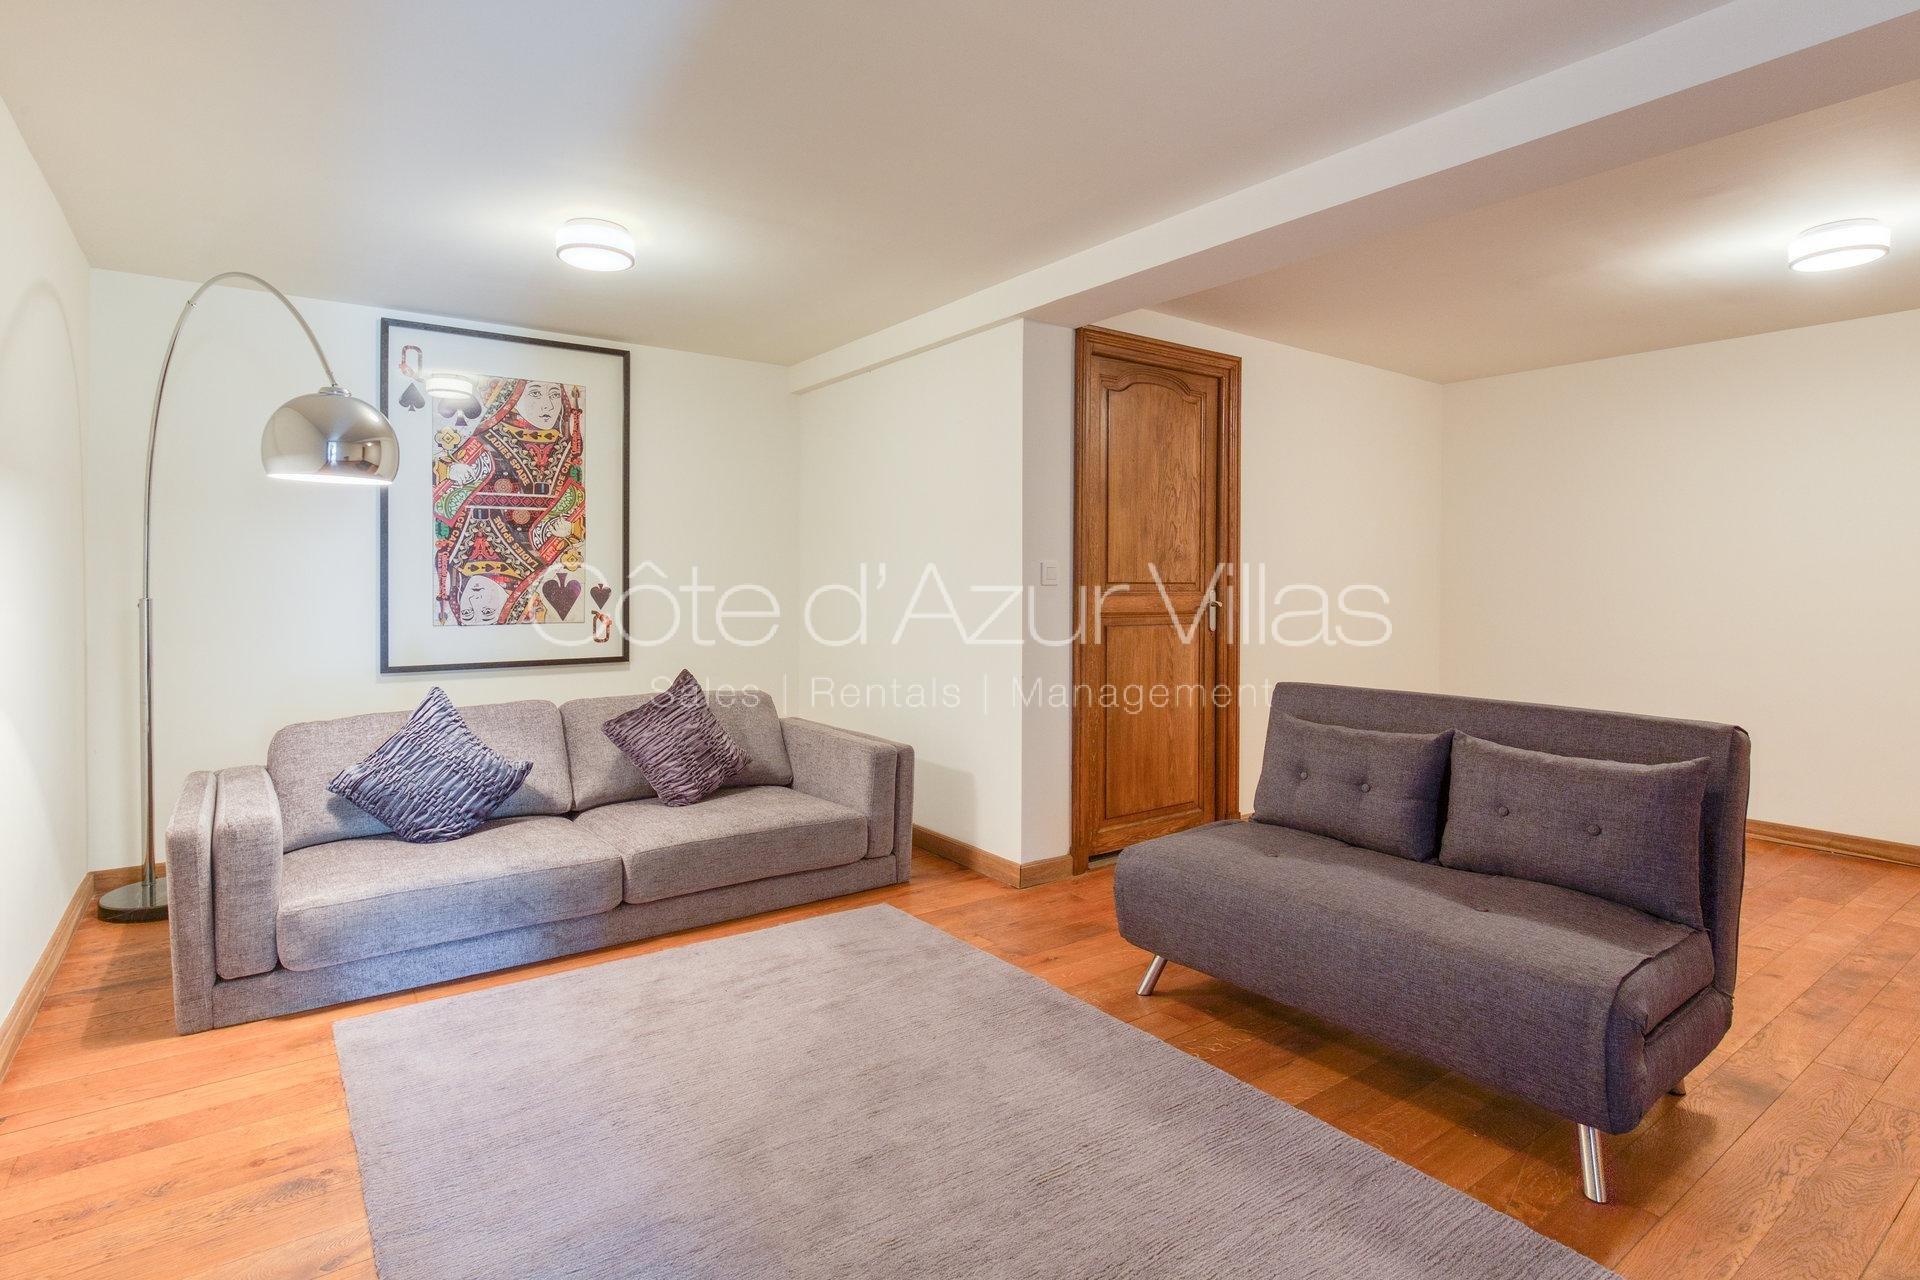 Villa Amara - 5 bedroom villa close to Sophia Antipolis